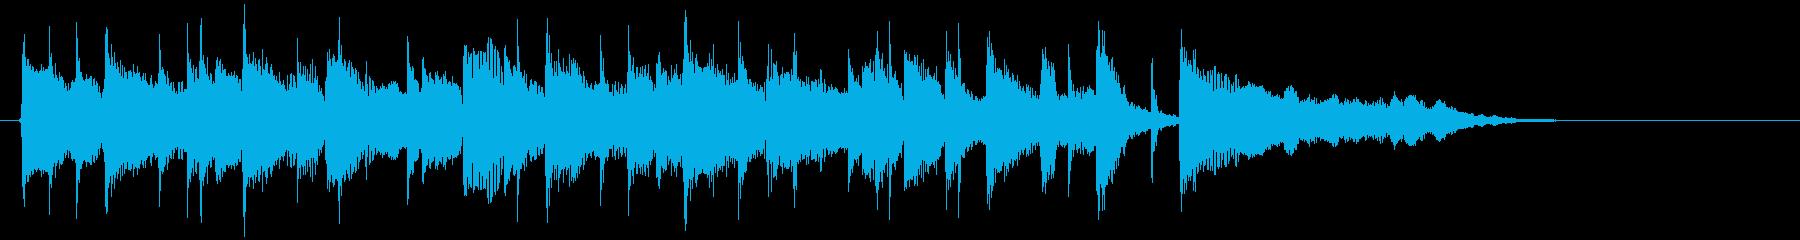 爽やかな曲調始まりをイメージするポップスの再生済みの波形